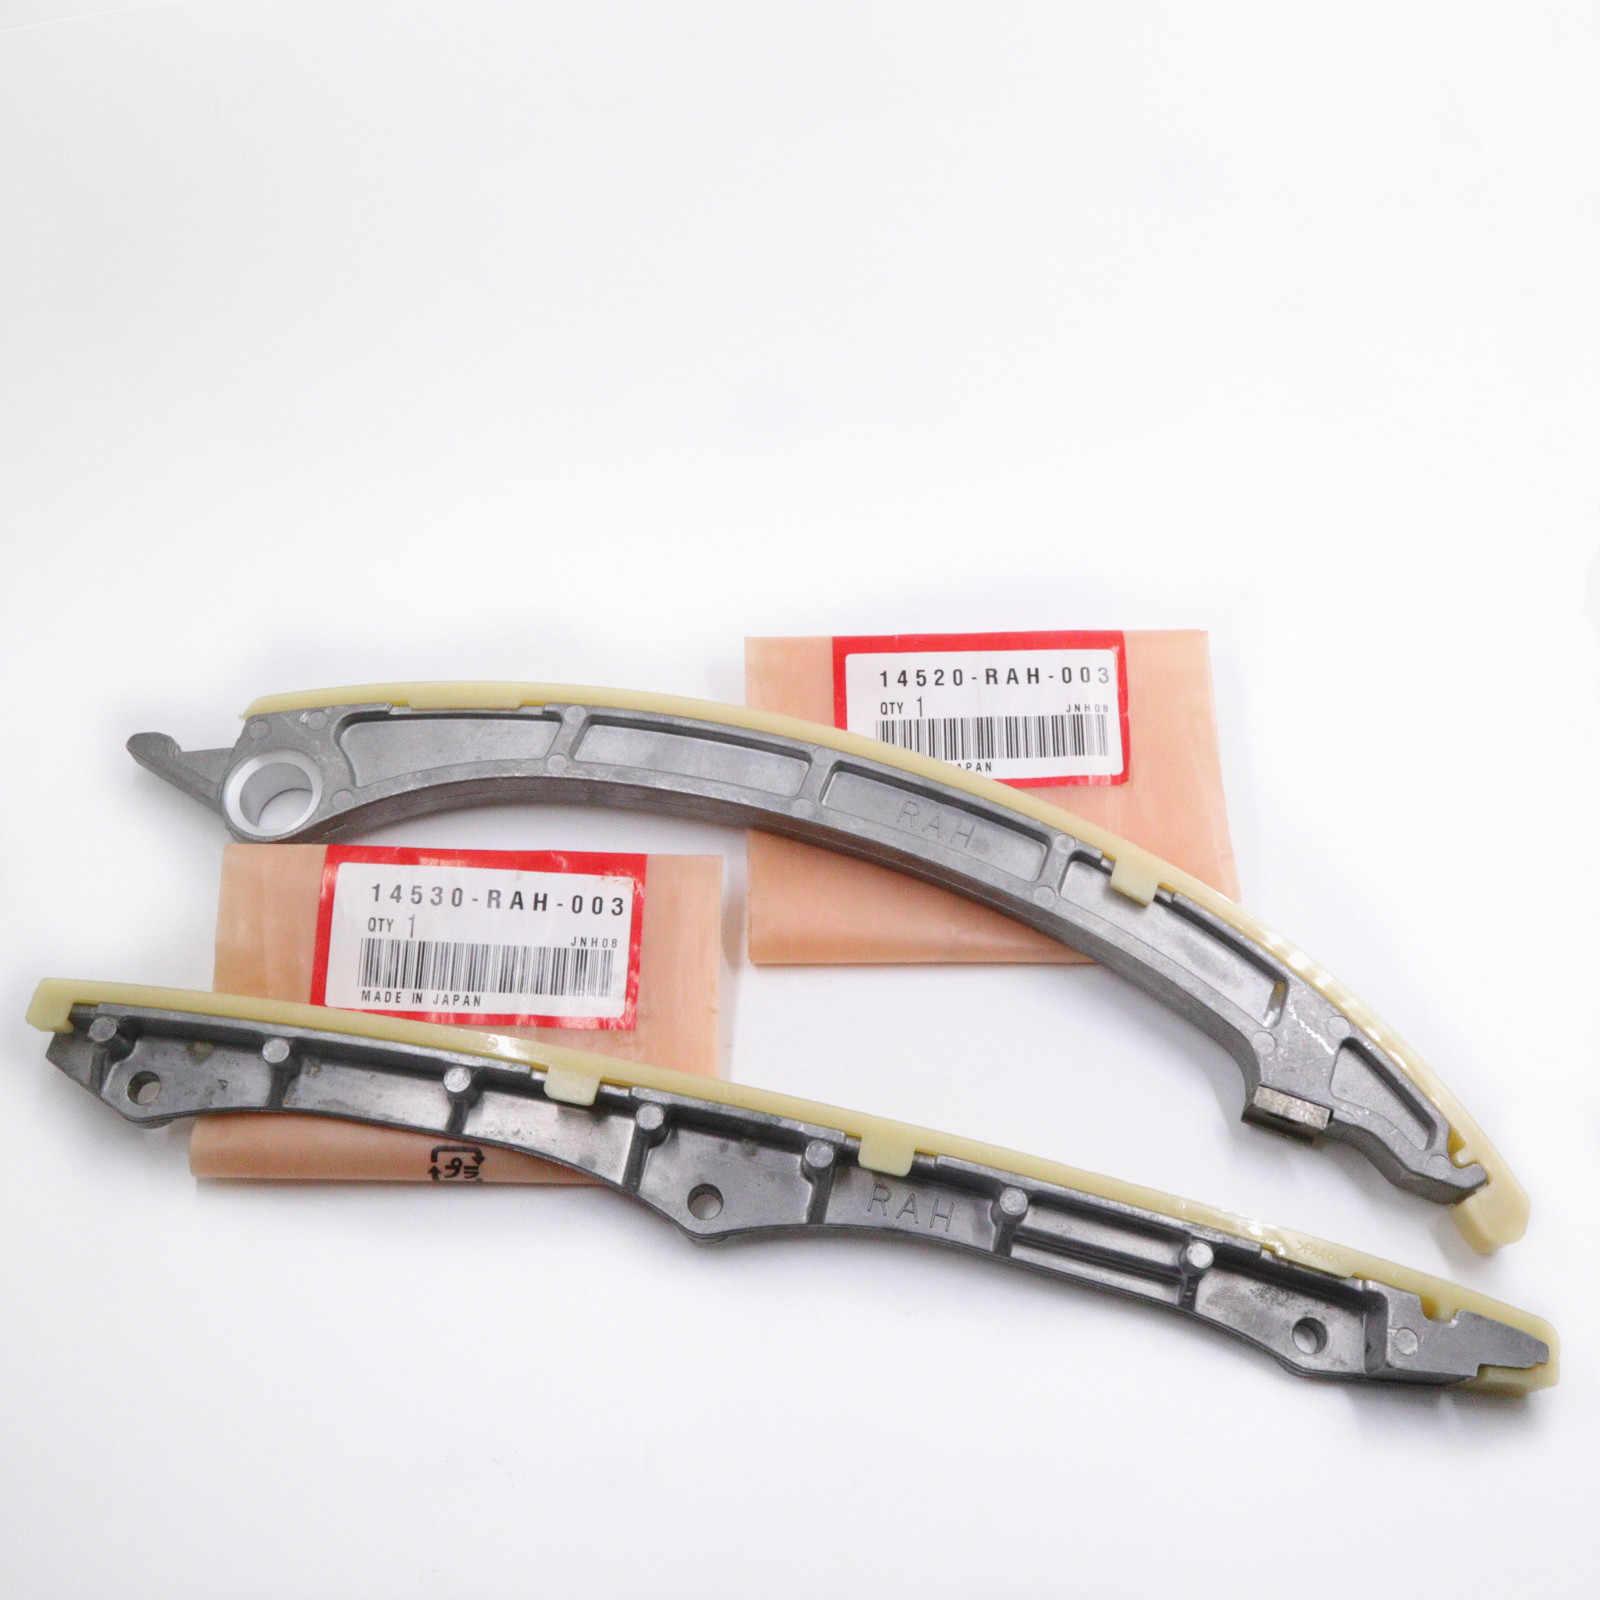 14530-RAH-003 & 14520-RAH-003 направляющая цепи синхронизации для Honda 14530RAH003 & 14520RAH003